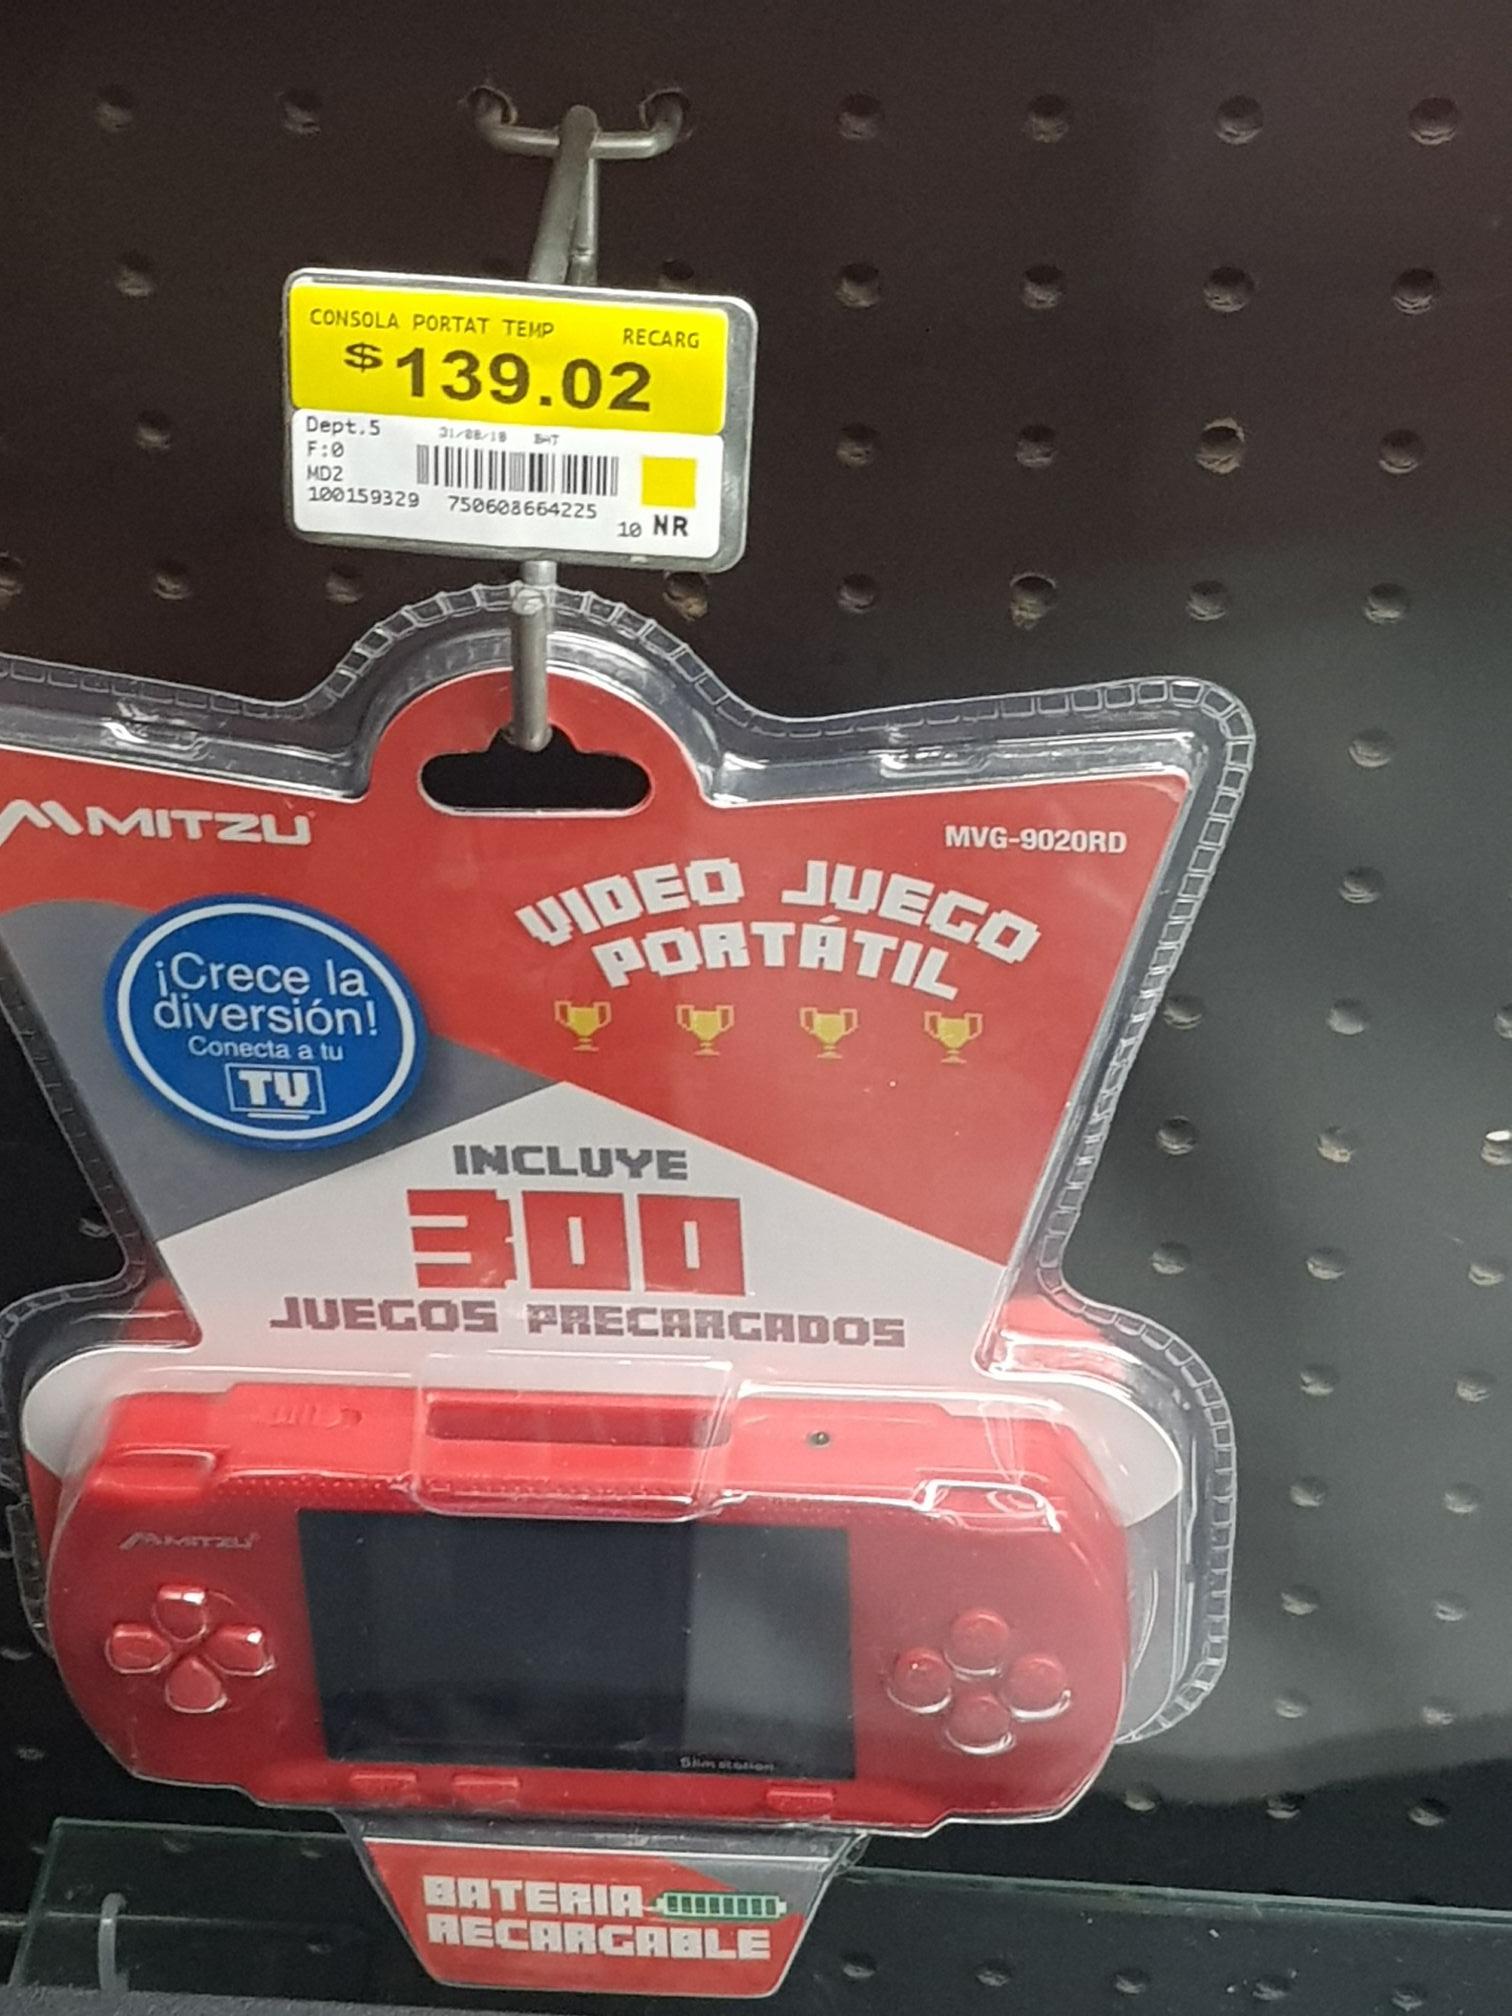 Bodega Aurrerá:  $99.01, Mitzu, consola de videojuegos portátil 300 juegos